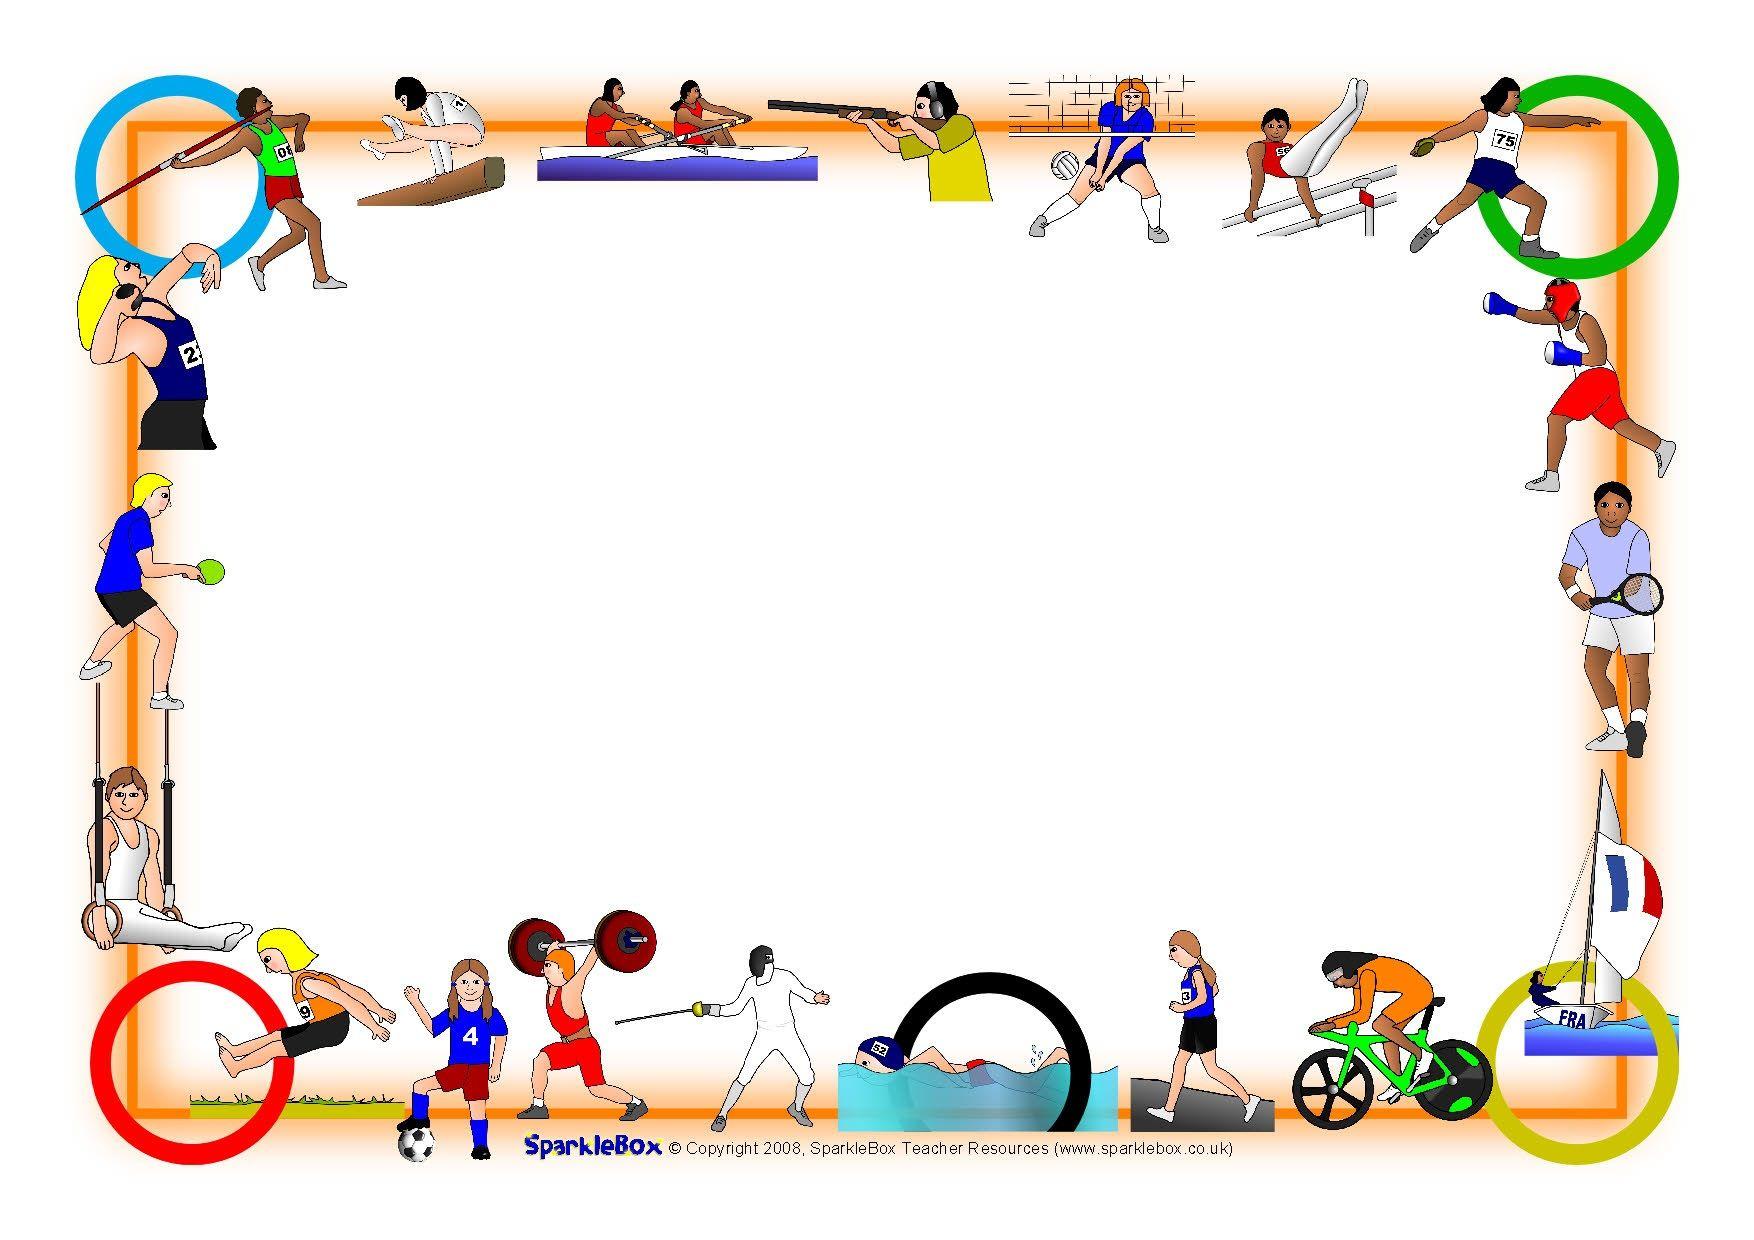 Lijst Met Sporten Olympische Zomerspelen Olympische Spelen Olympische Sport Olympische Zomerspelen